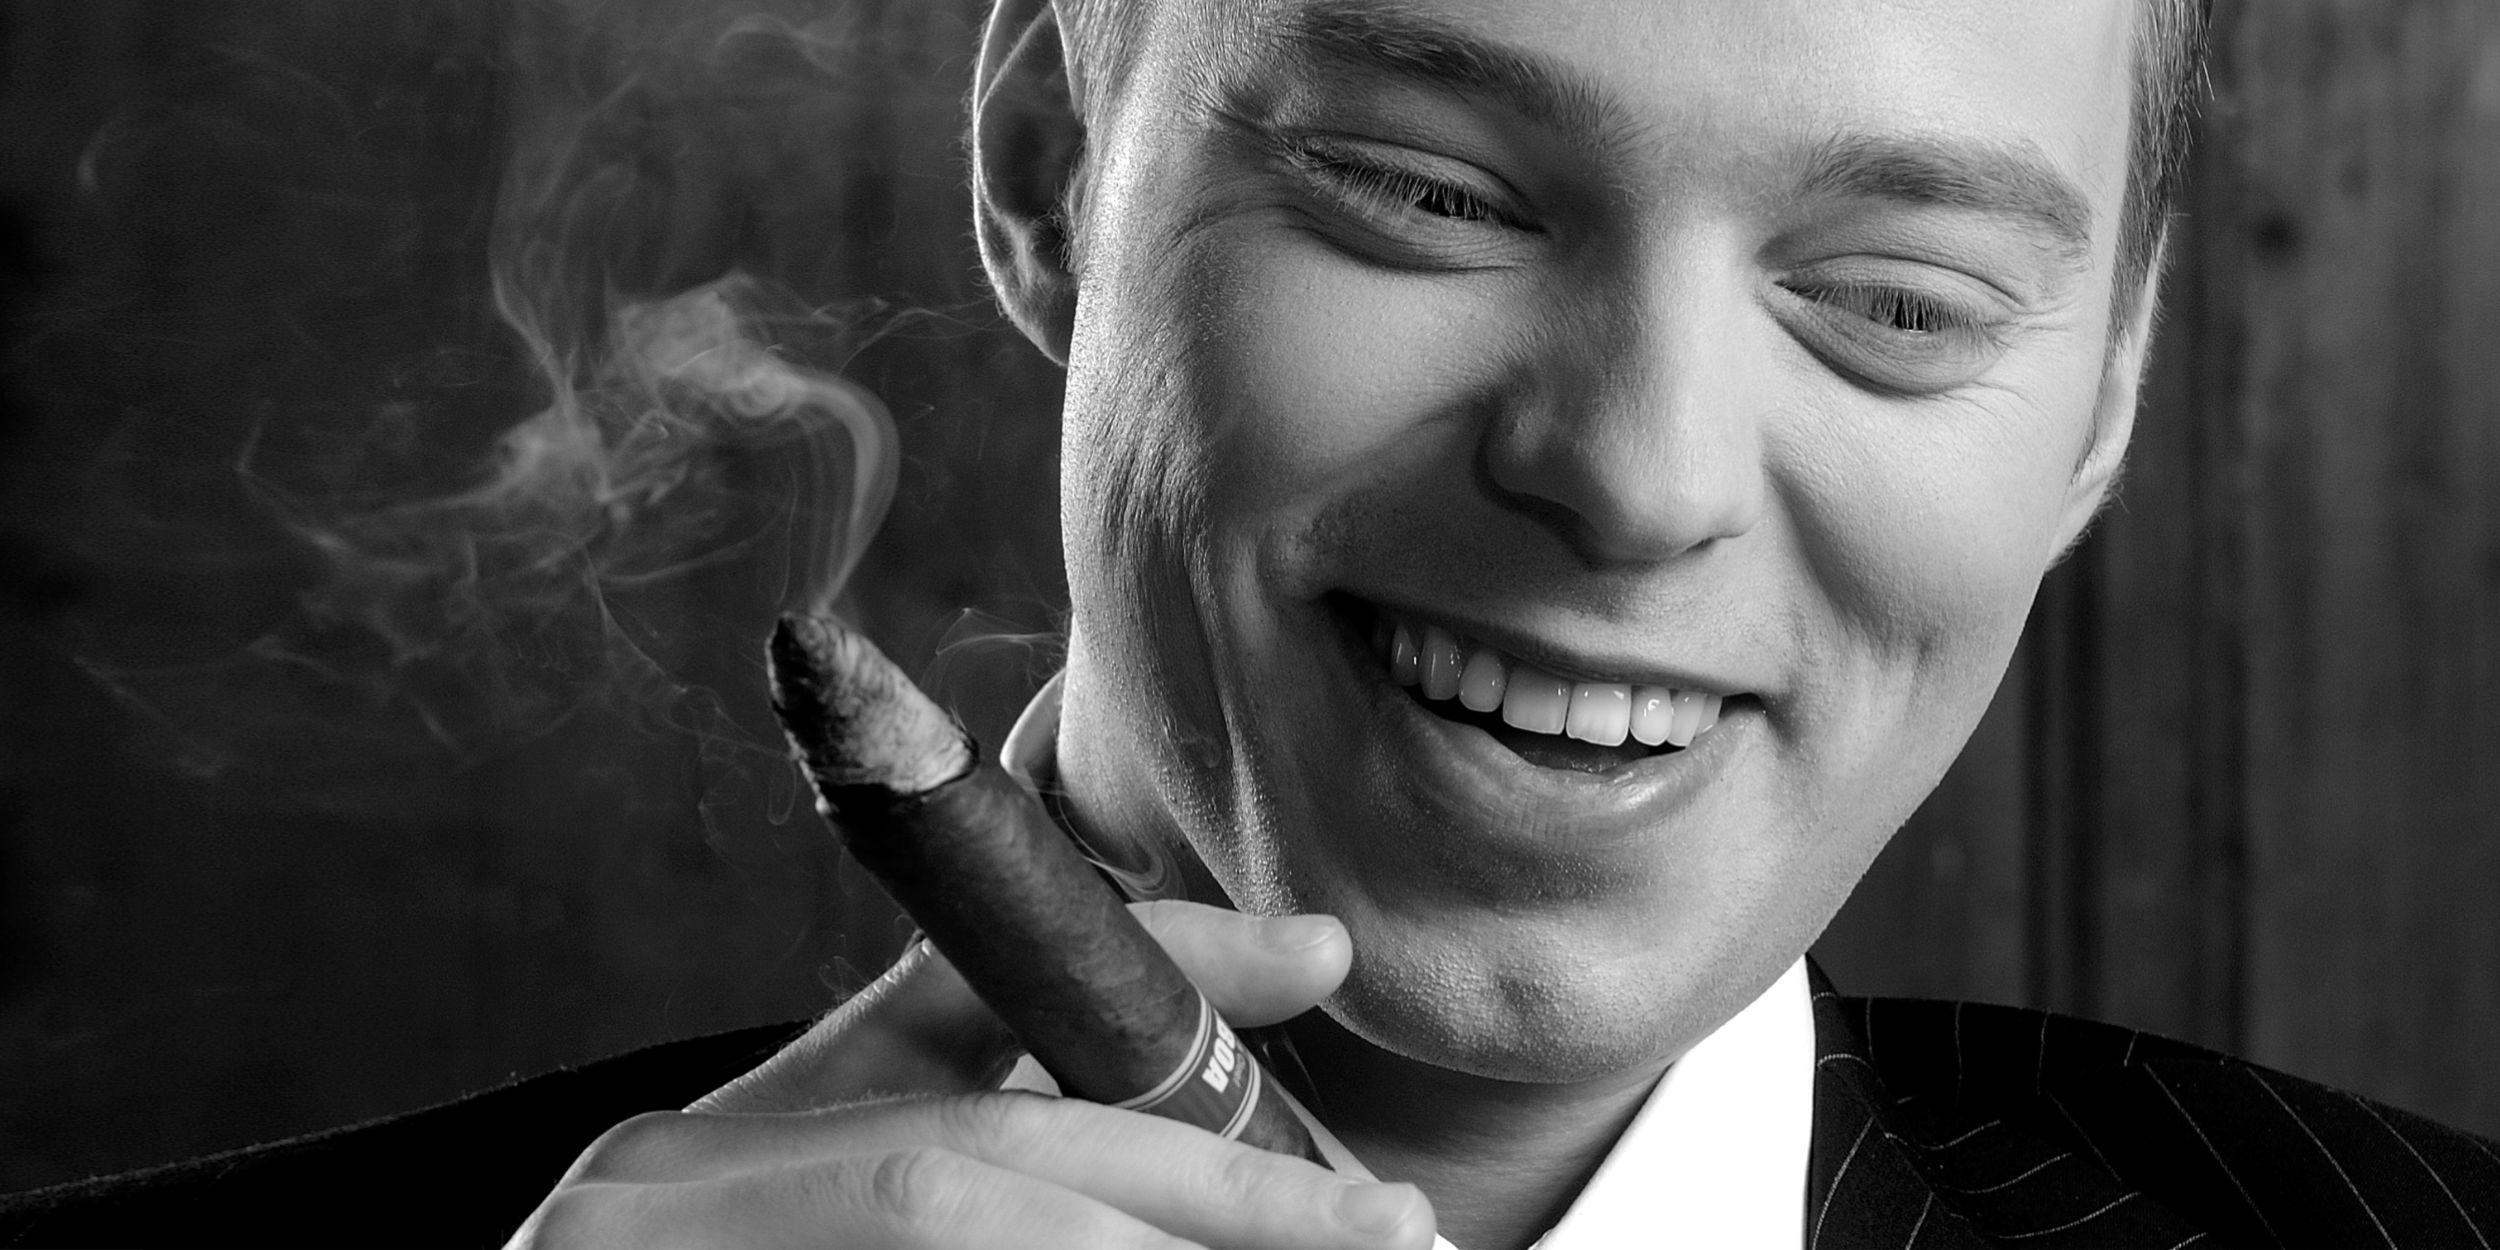 People Fotografie Stuttgart und Umgebung Charakter Portrait Balboa Zigarren Mann im Anzug und Krawatte mit einer Torpedo Zigarre